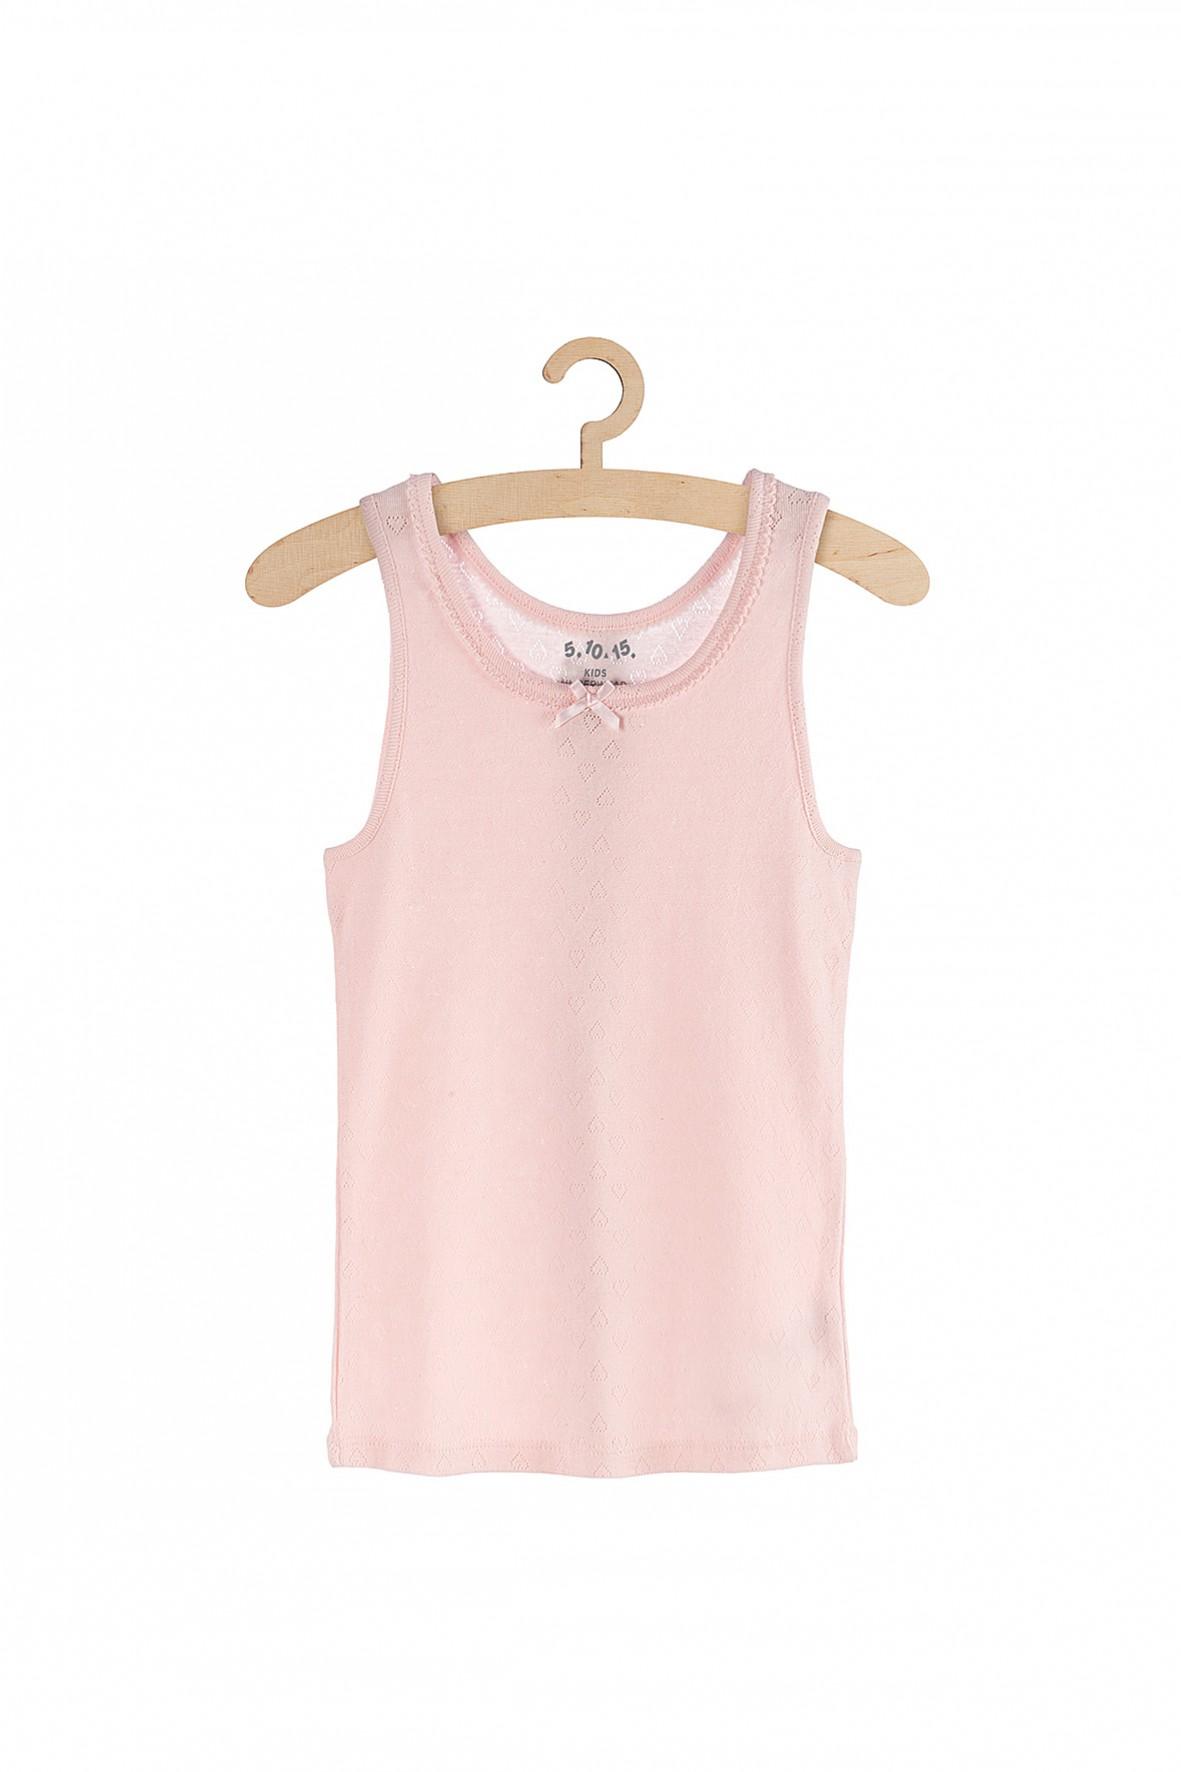 Podkoszulek dziewczęcy różowy- 100% bawełna